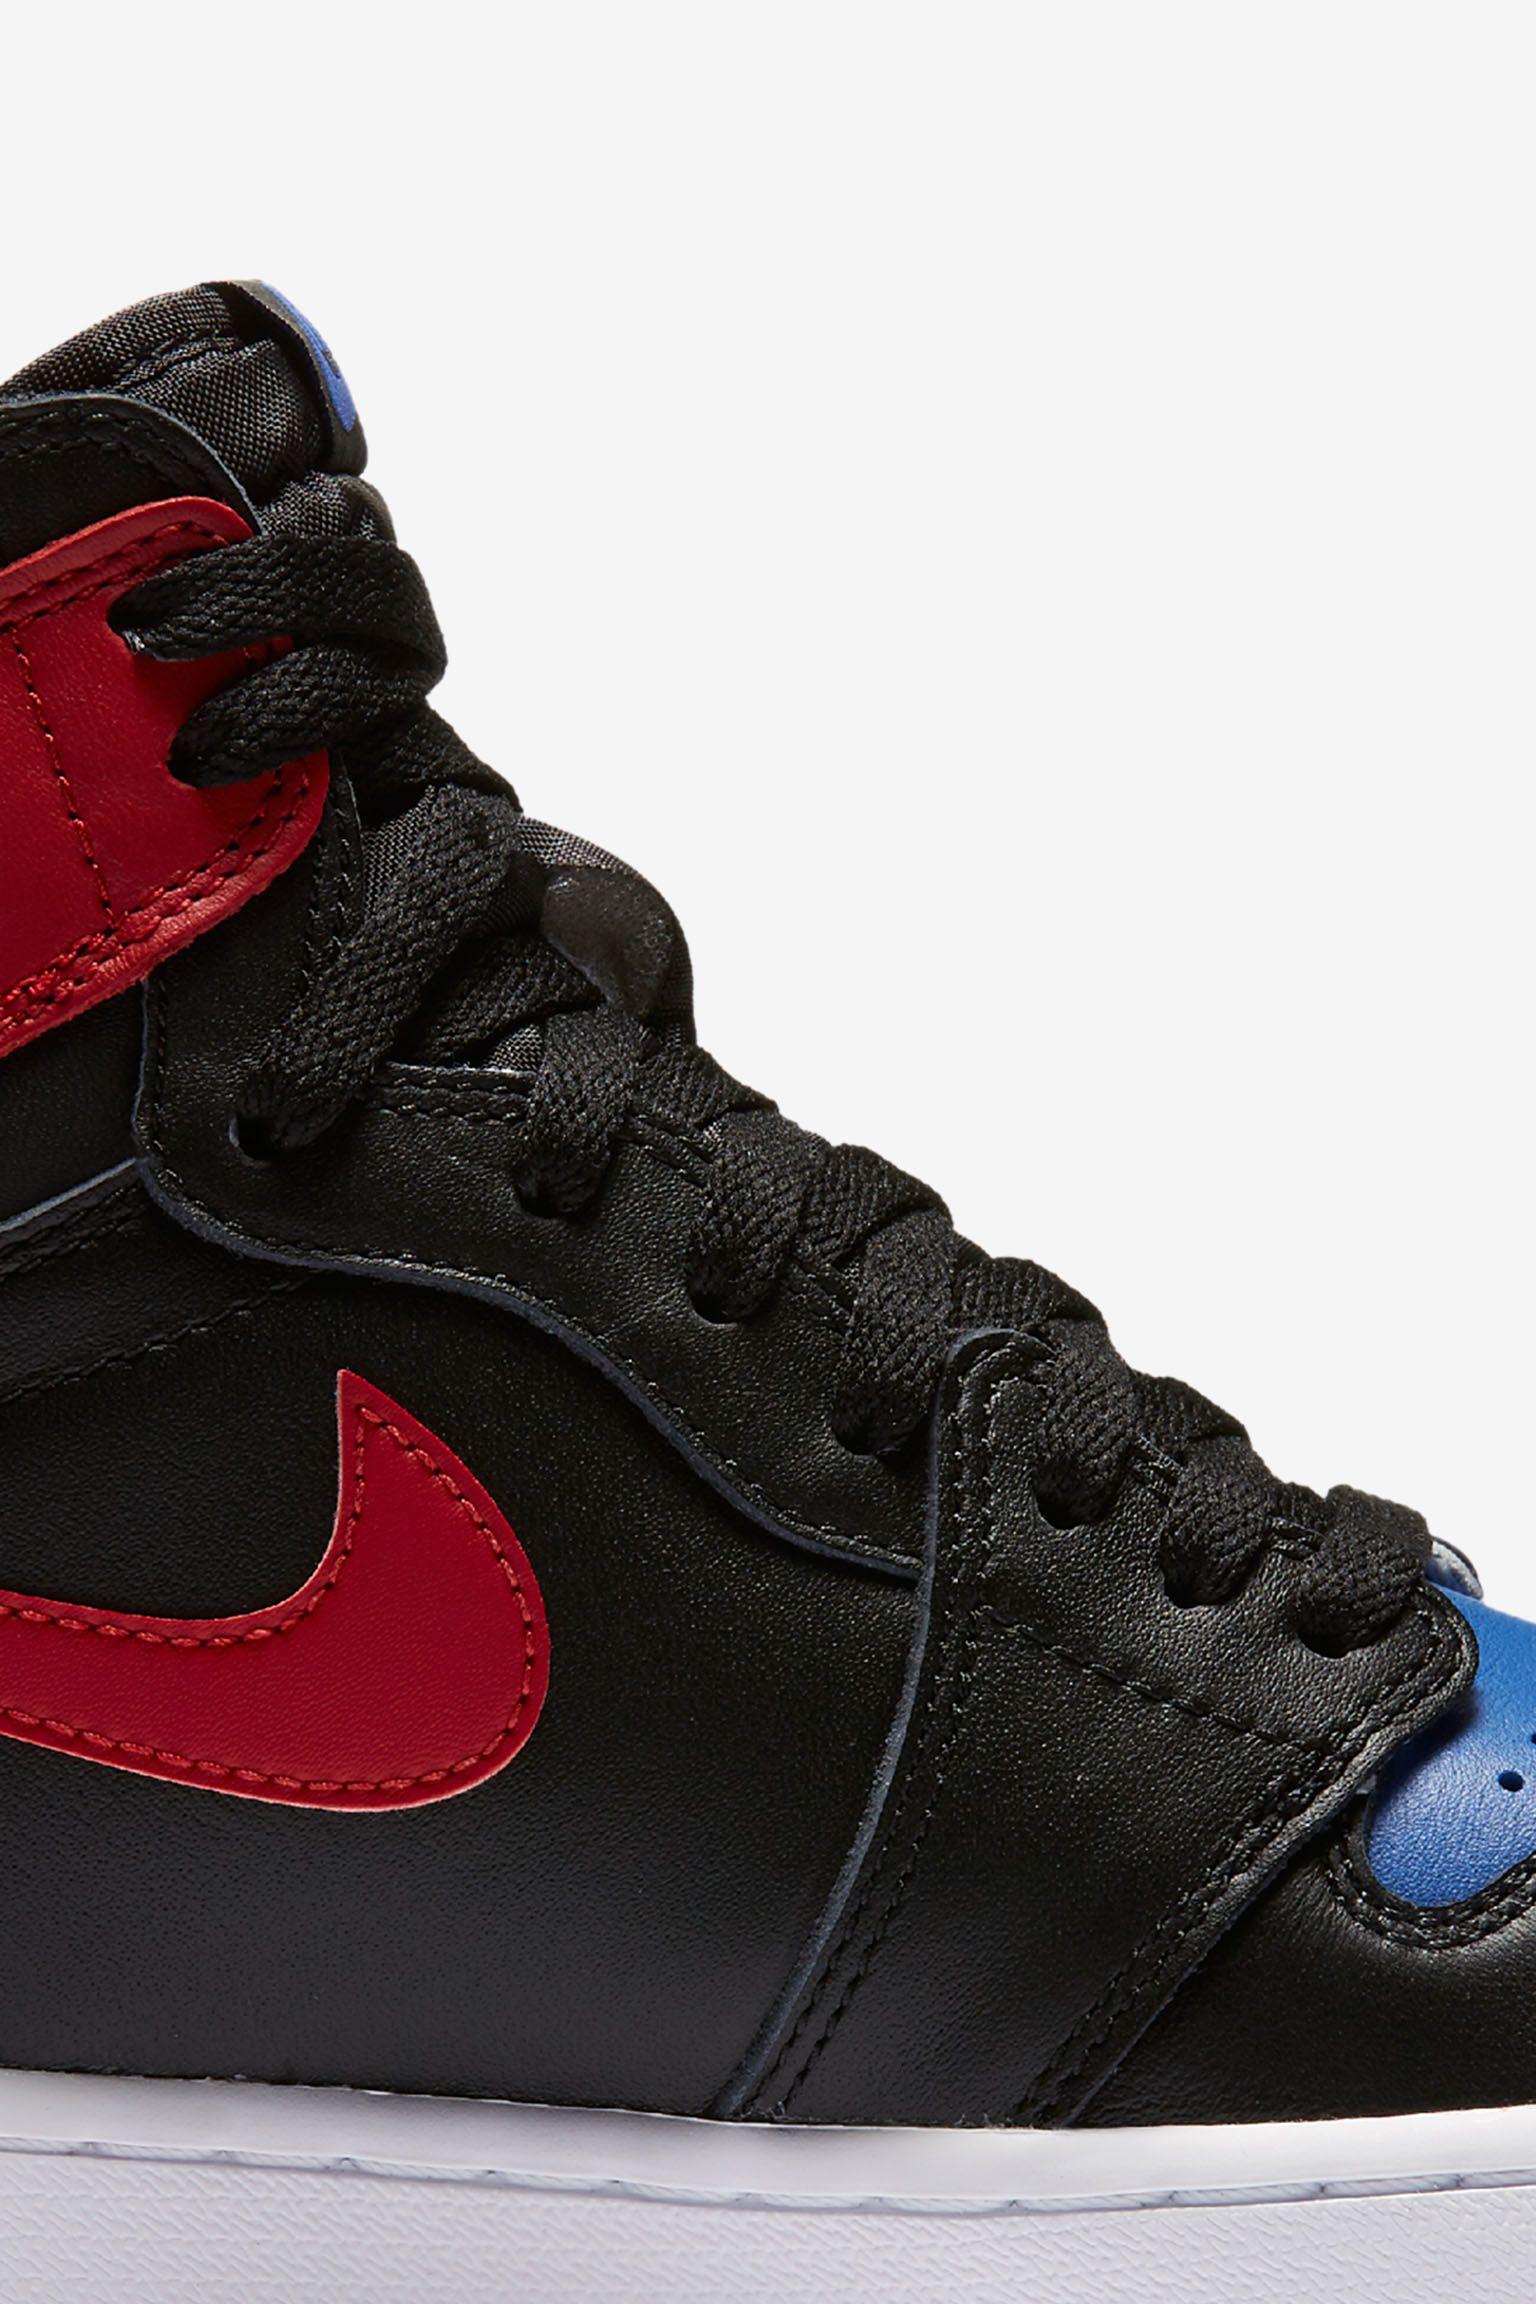 Air Jordan 1 Retro 'Top 3 Pick'